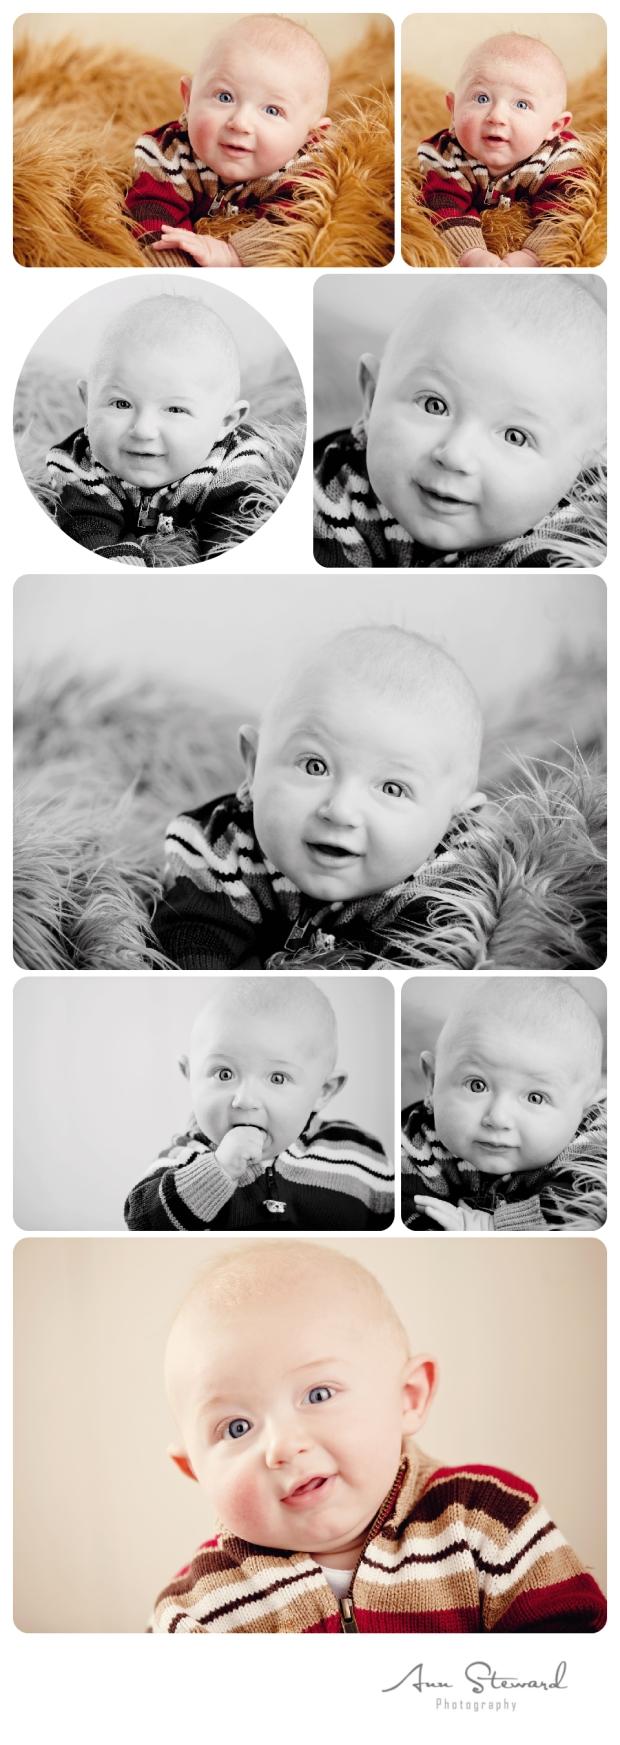 Quad Cities Baby Photographer